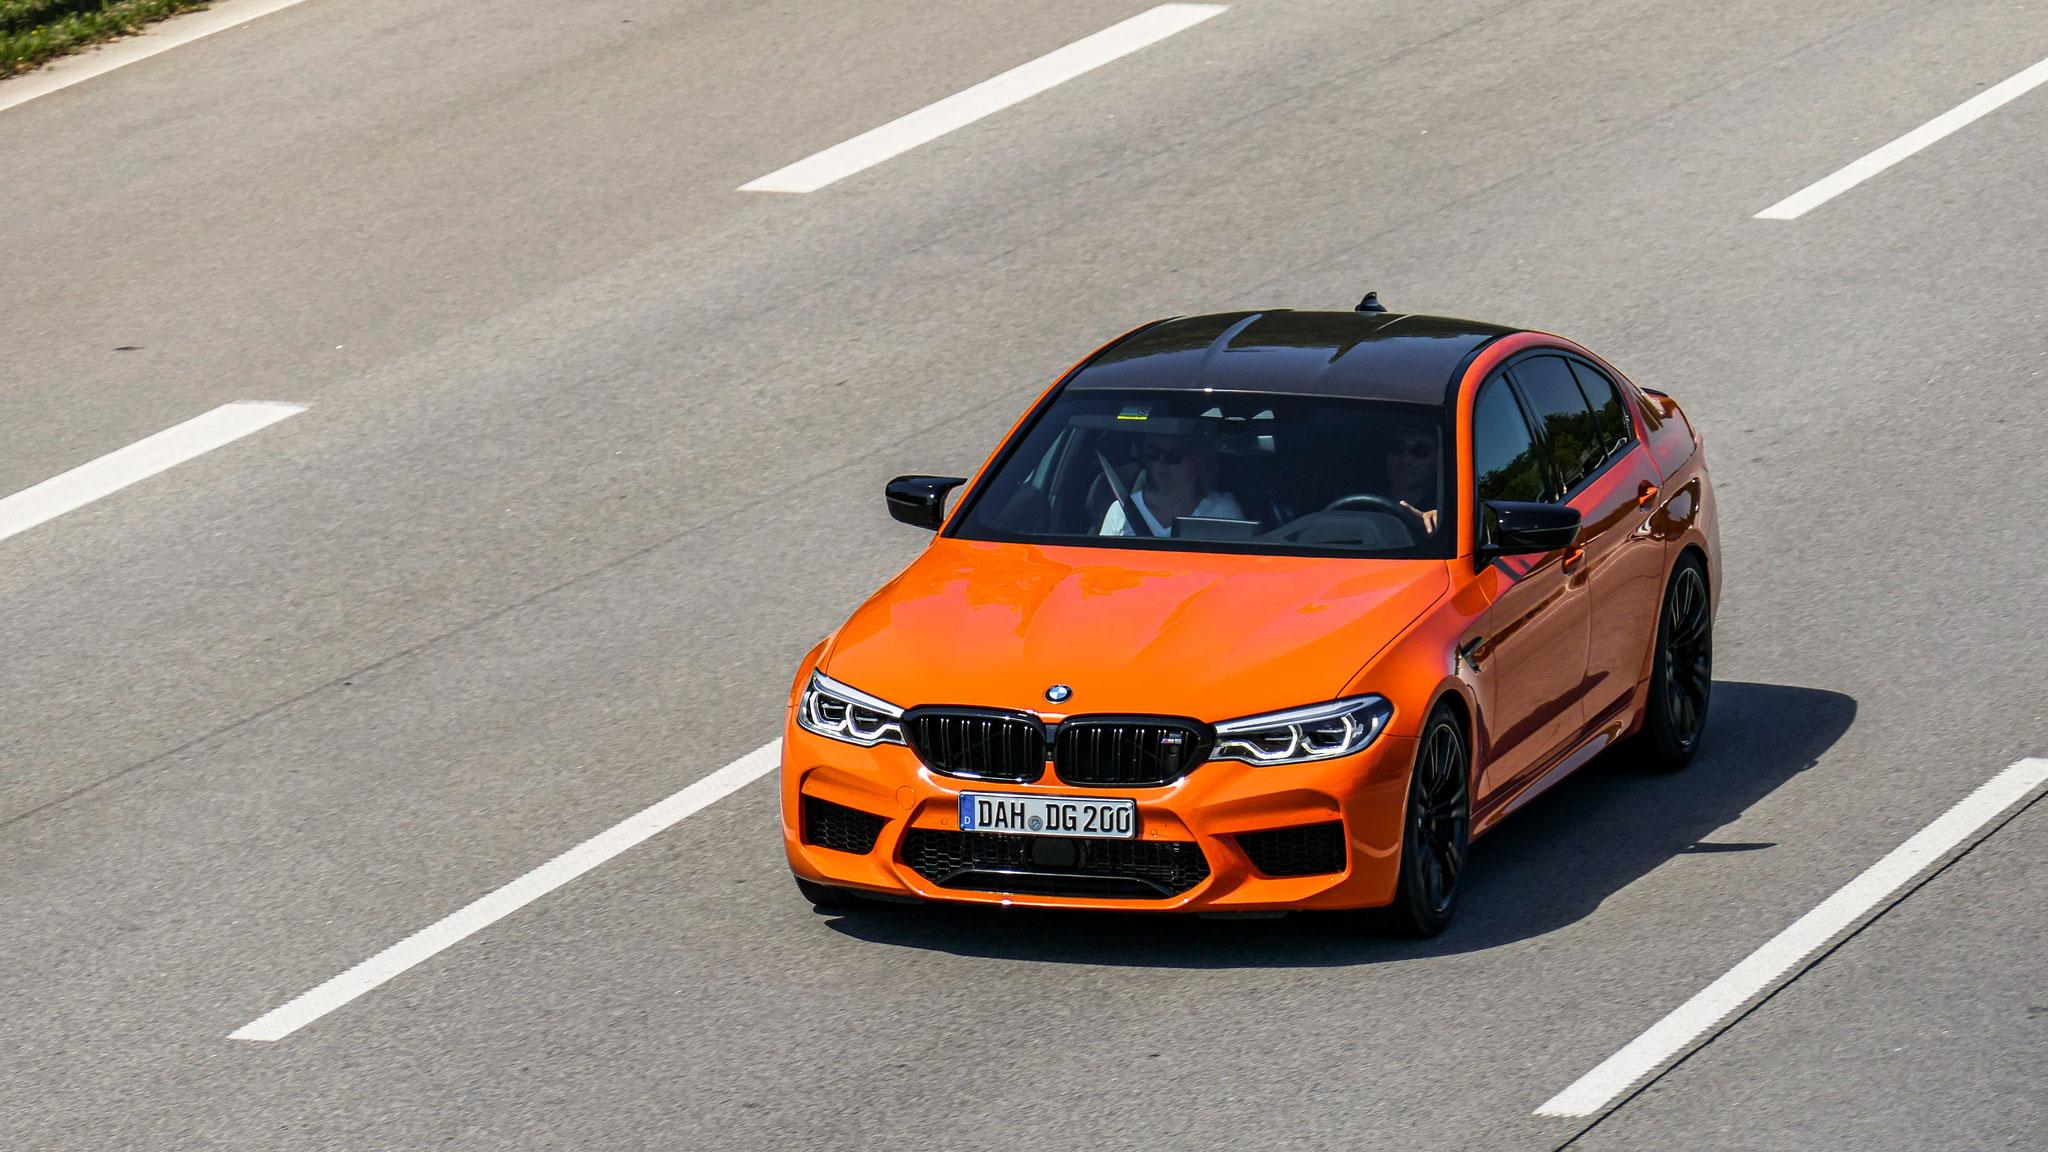 BMW M5 - DAH-DG-200